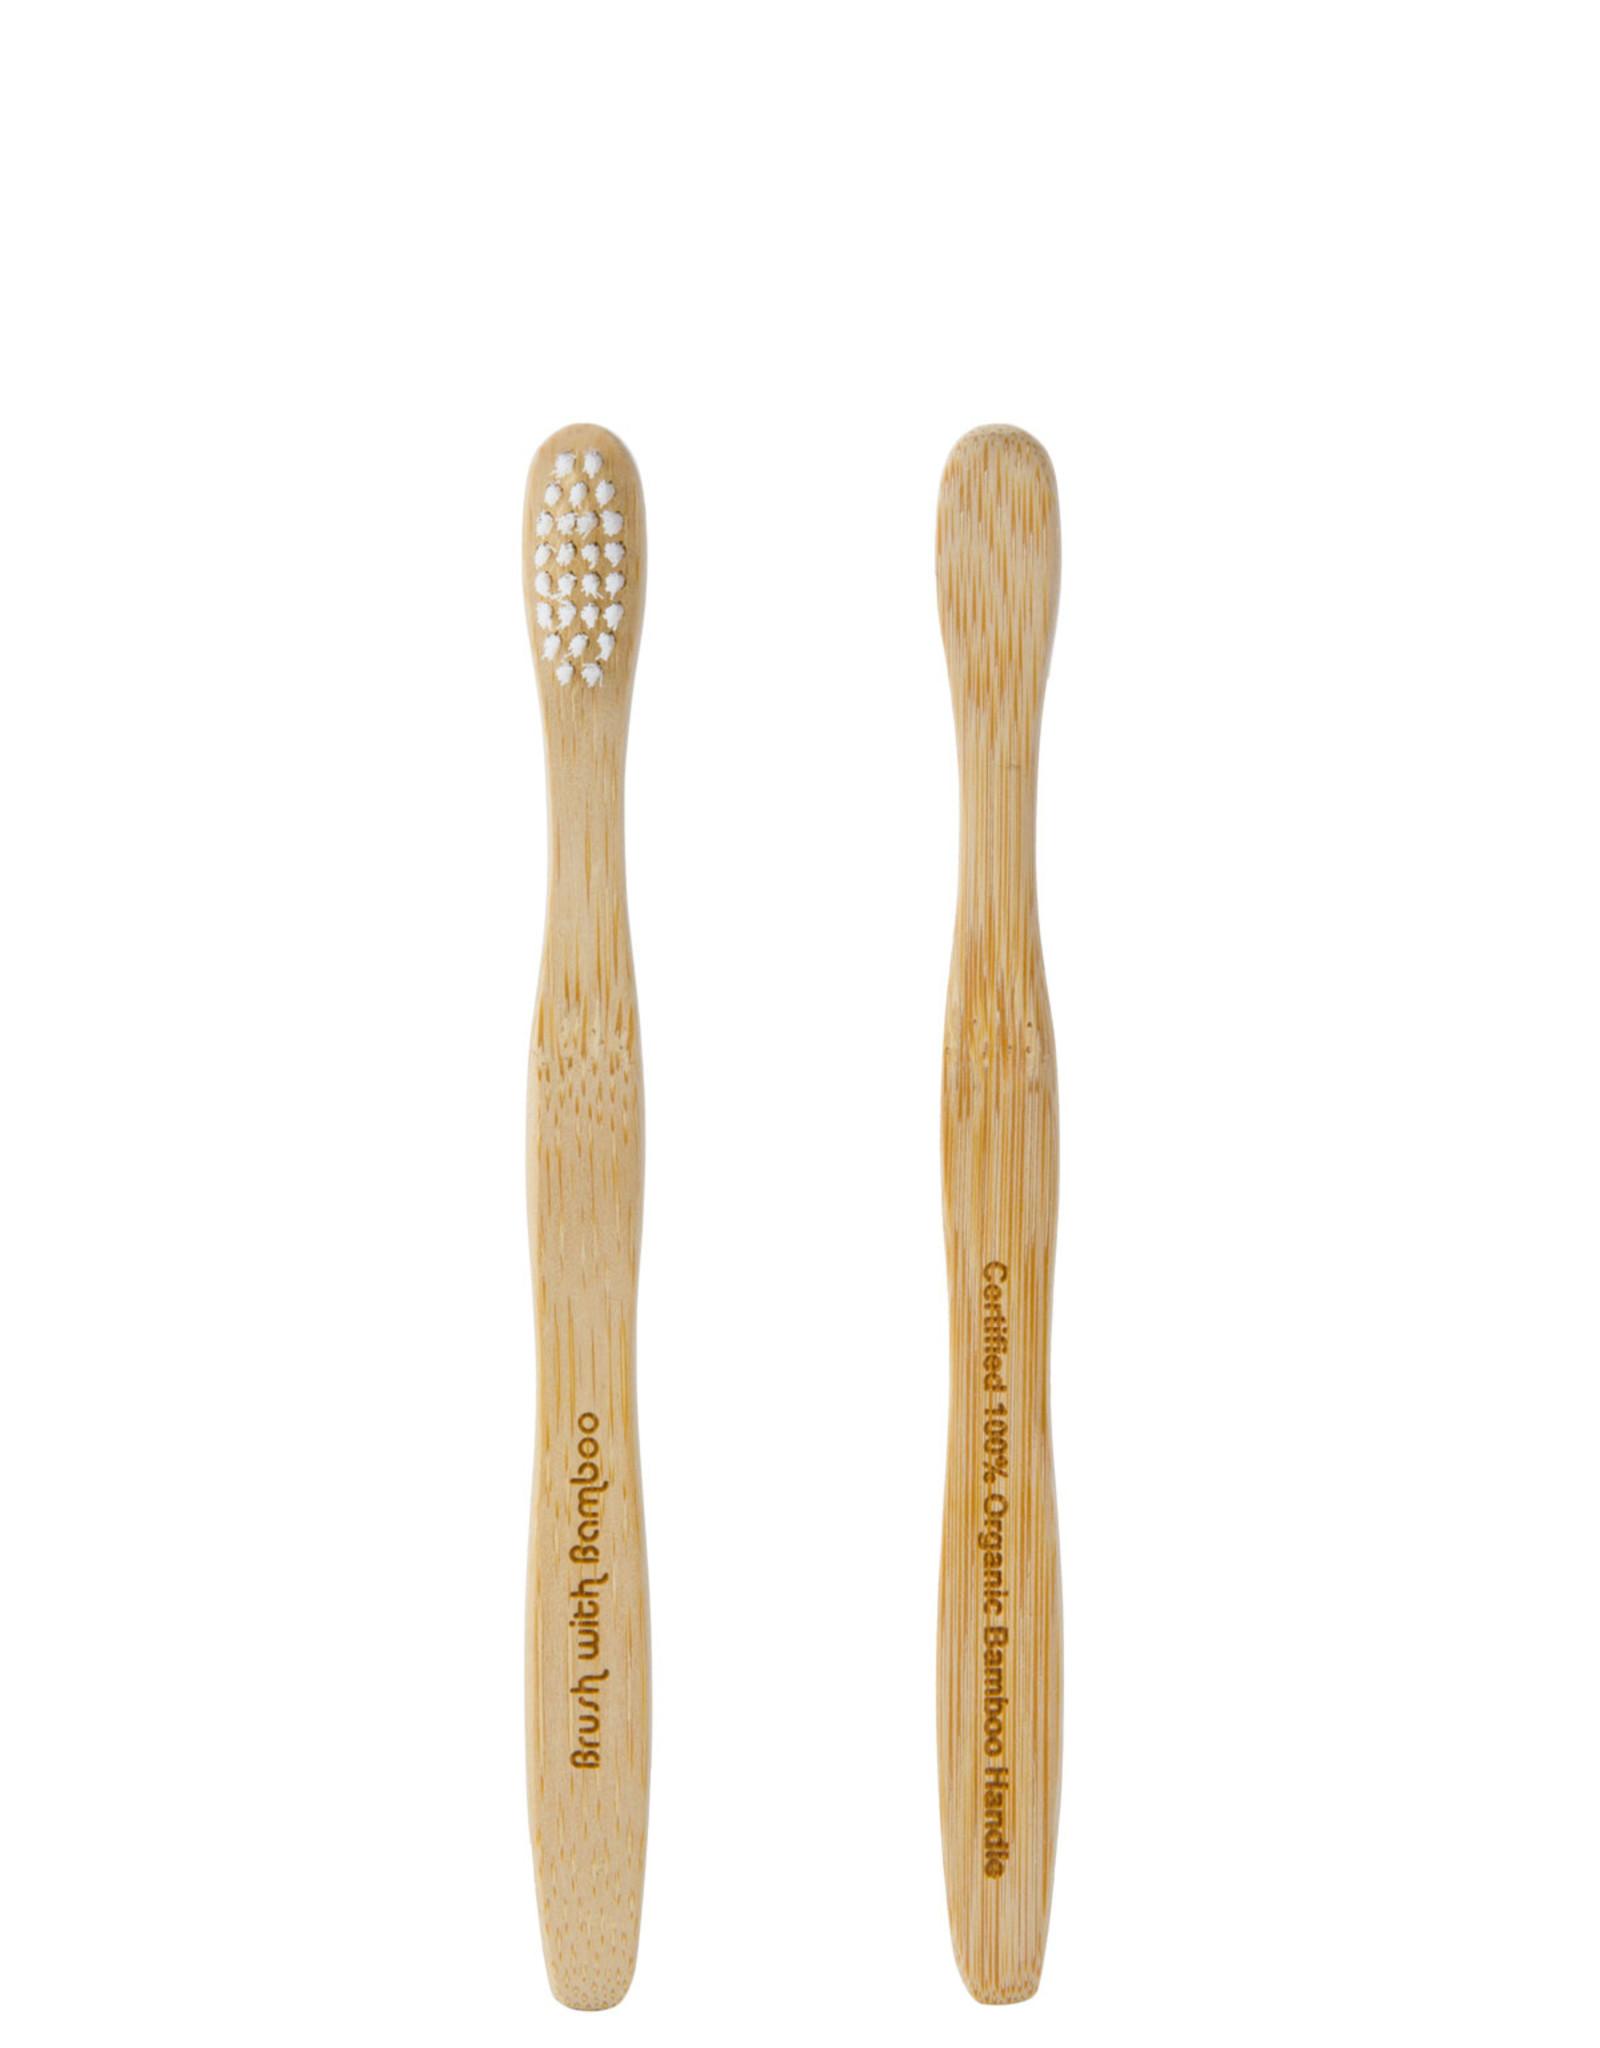 Brush with Bamboo Bamboo Toothbrush Kids